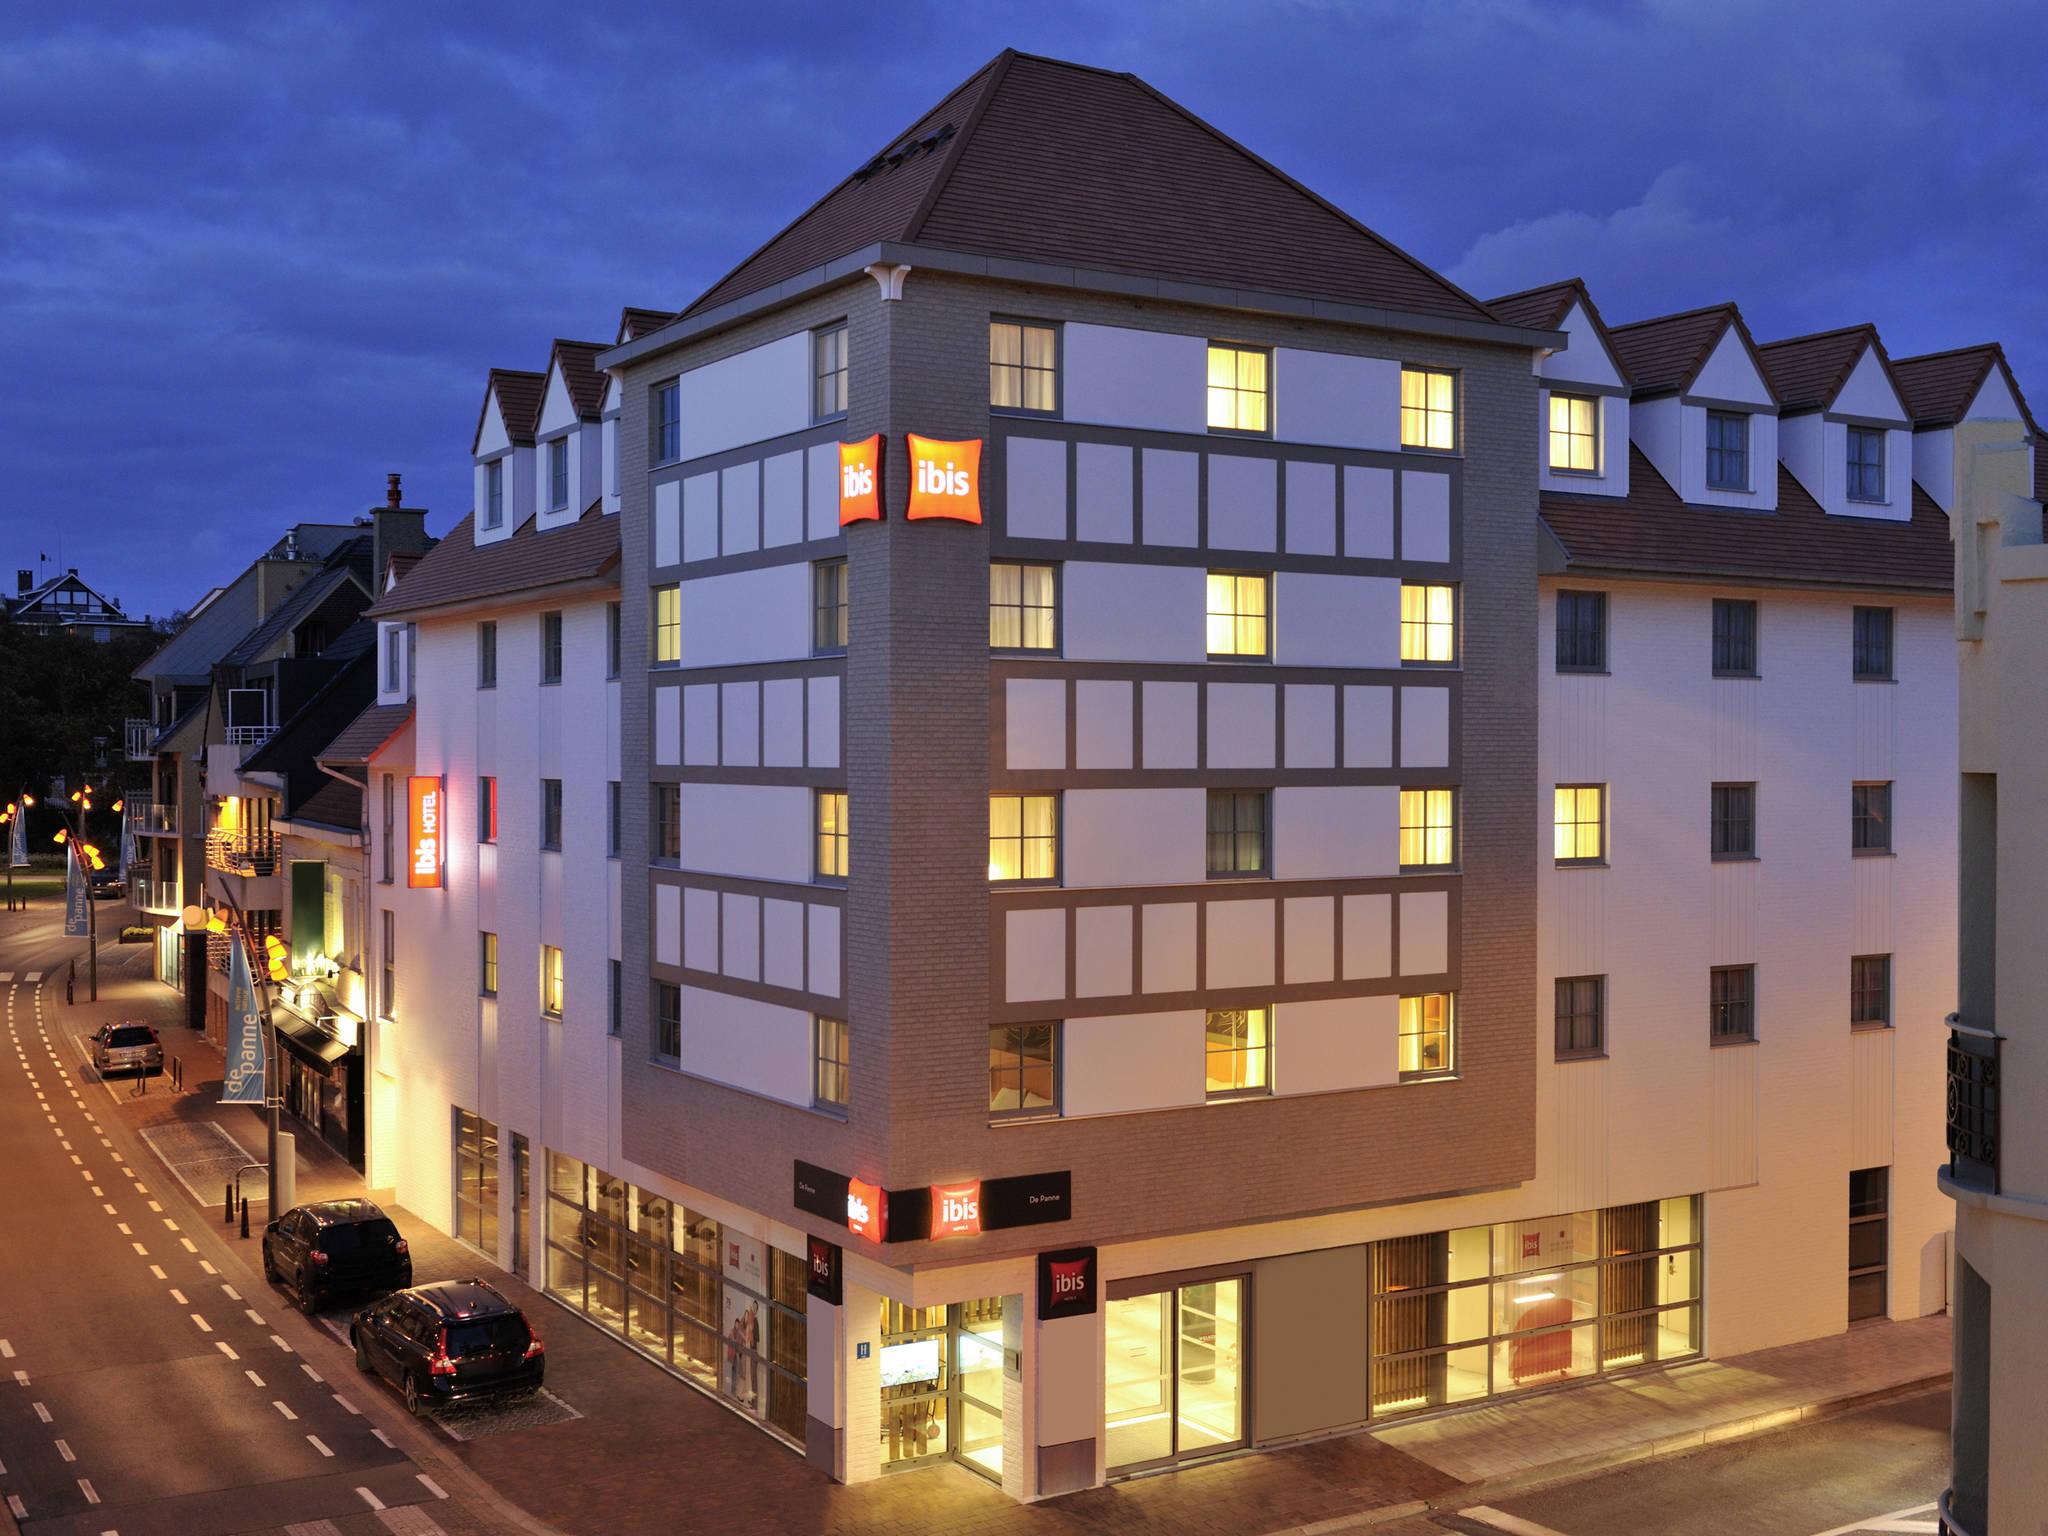 Hotel La Panne Ibis